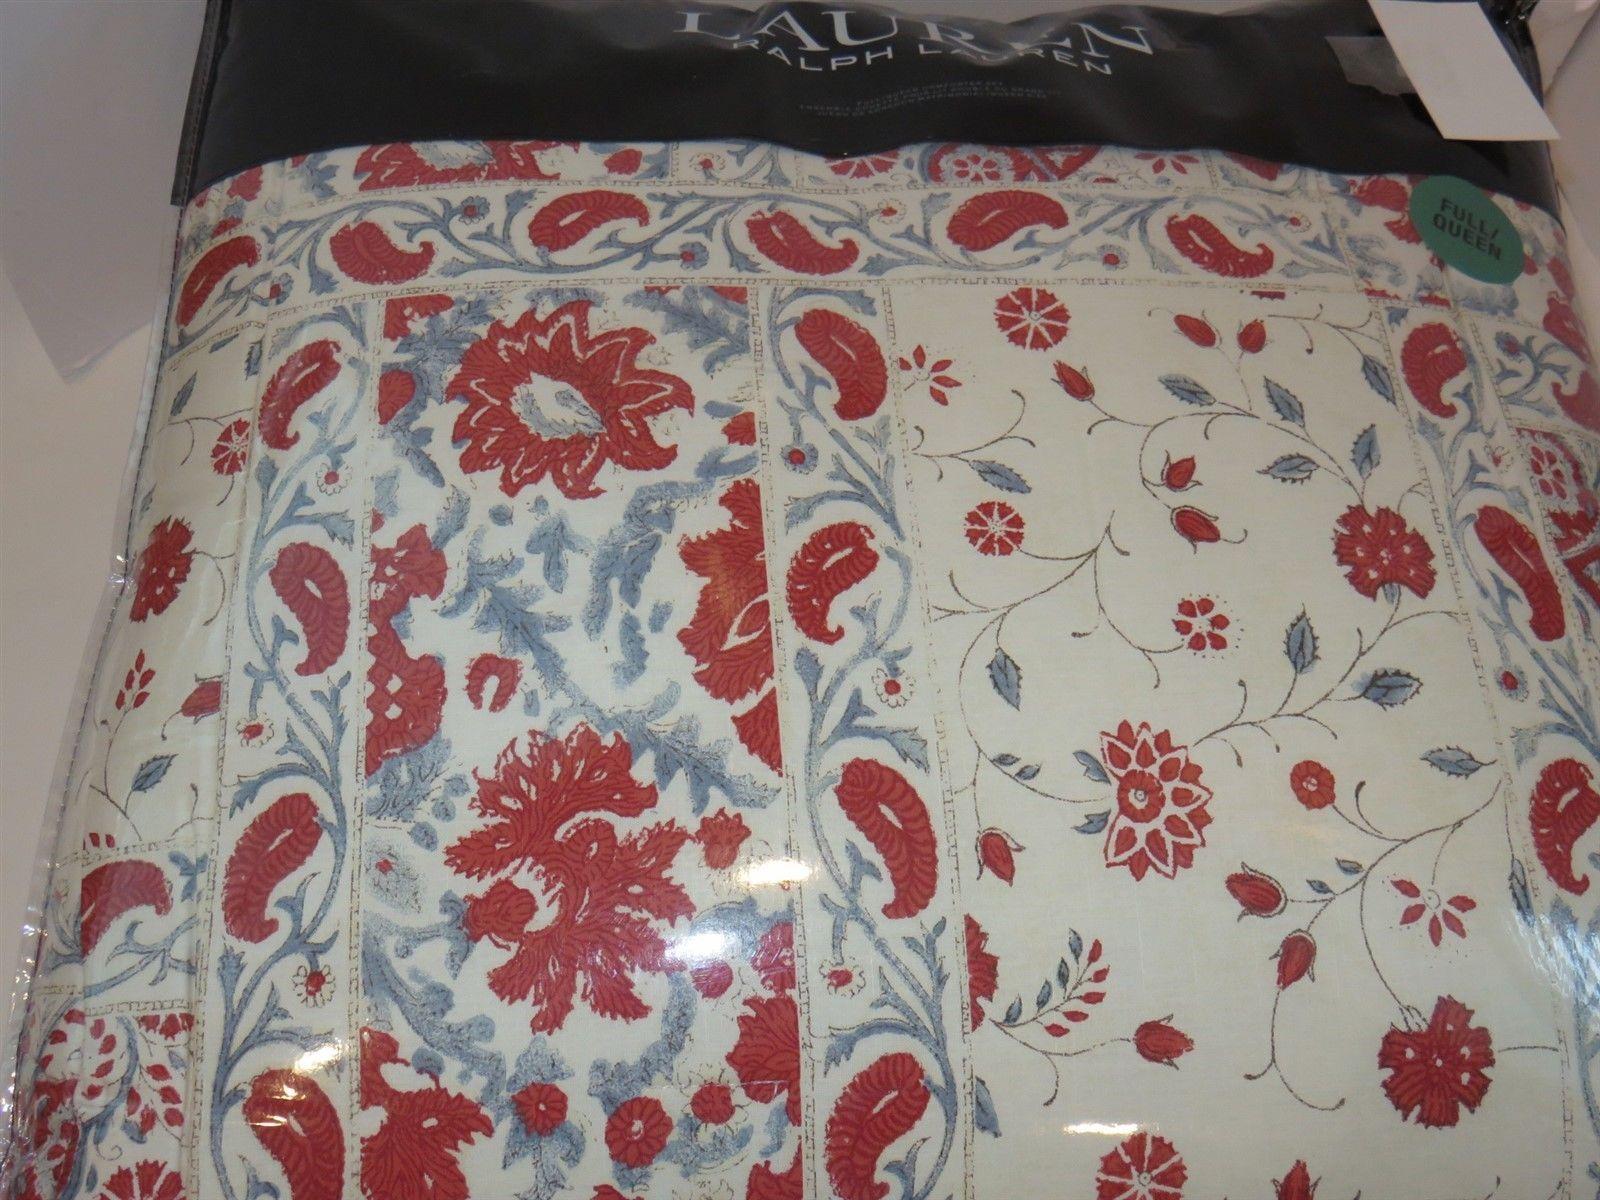 de4b9885 Ralph Lauren Kelsey 3P queen comforter Set and 50 similar items